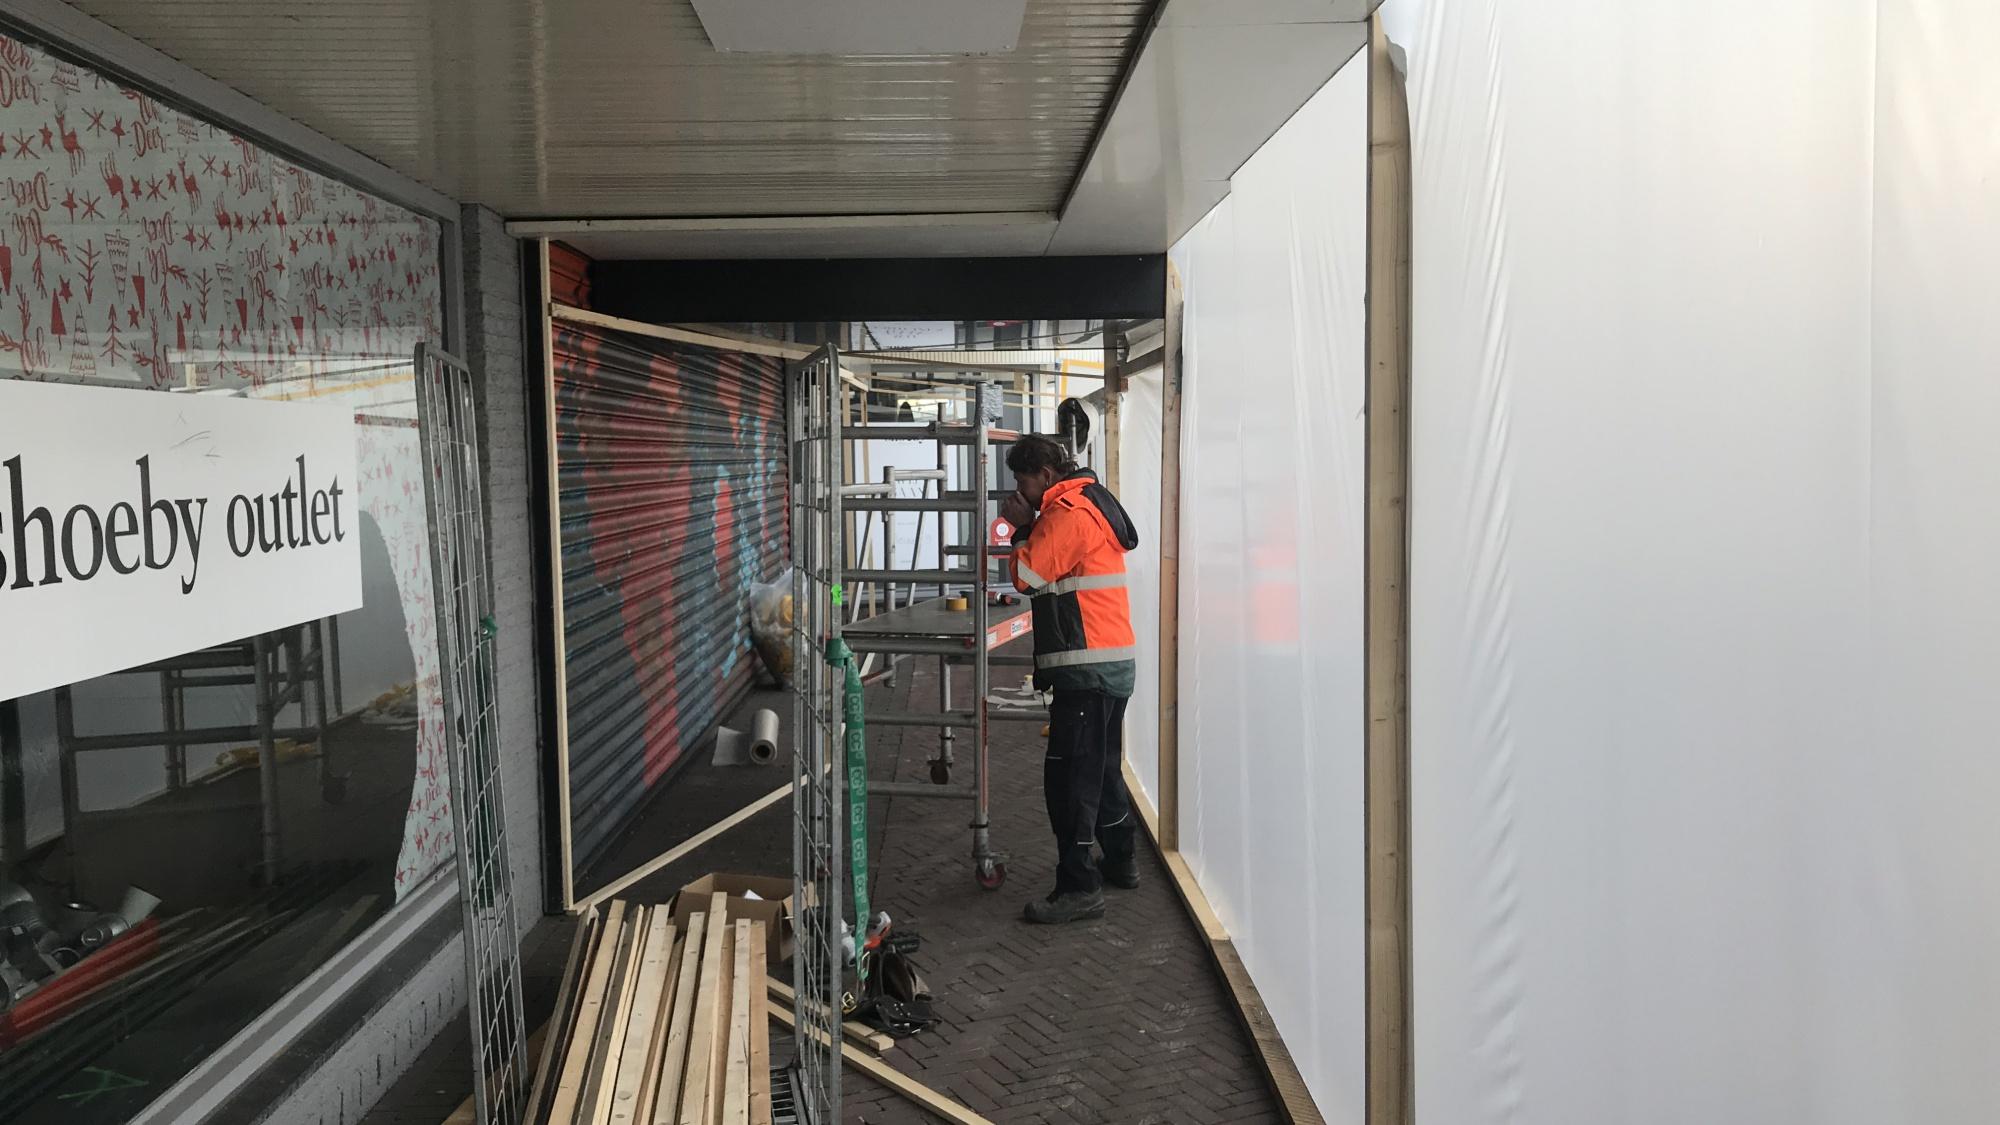 Een bouwvakker die zijn handen aan het opwarmen is tijdens het werken door